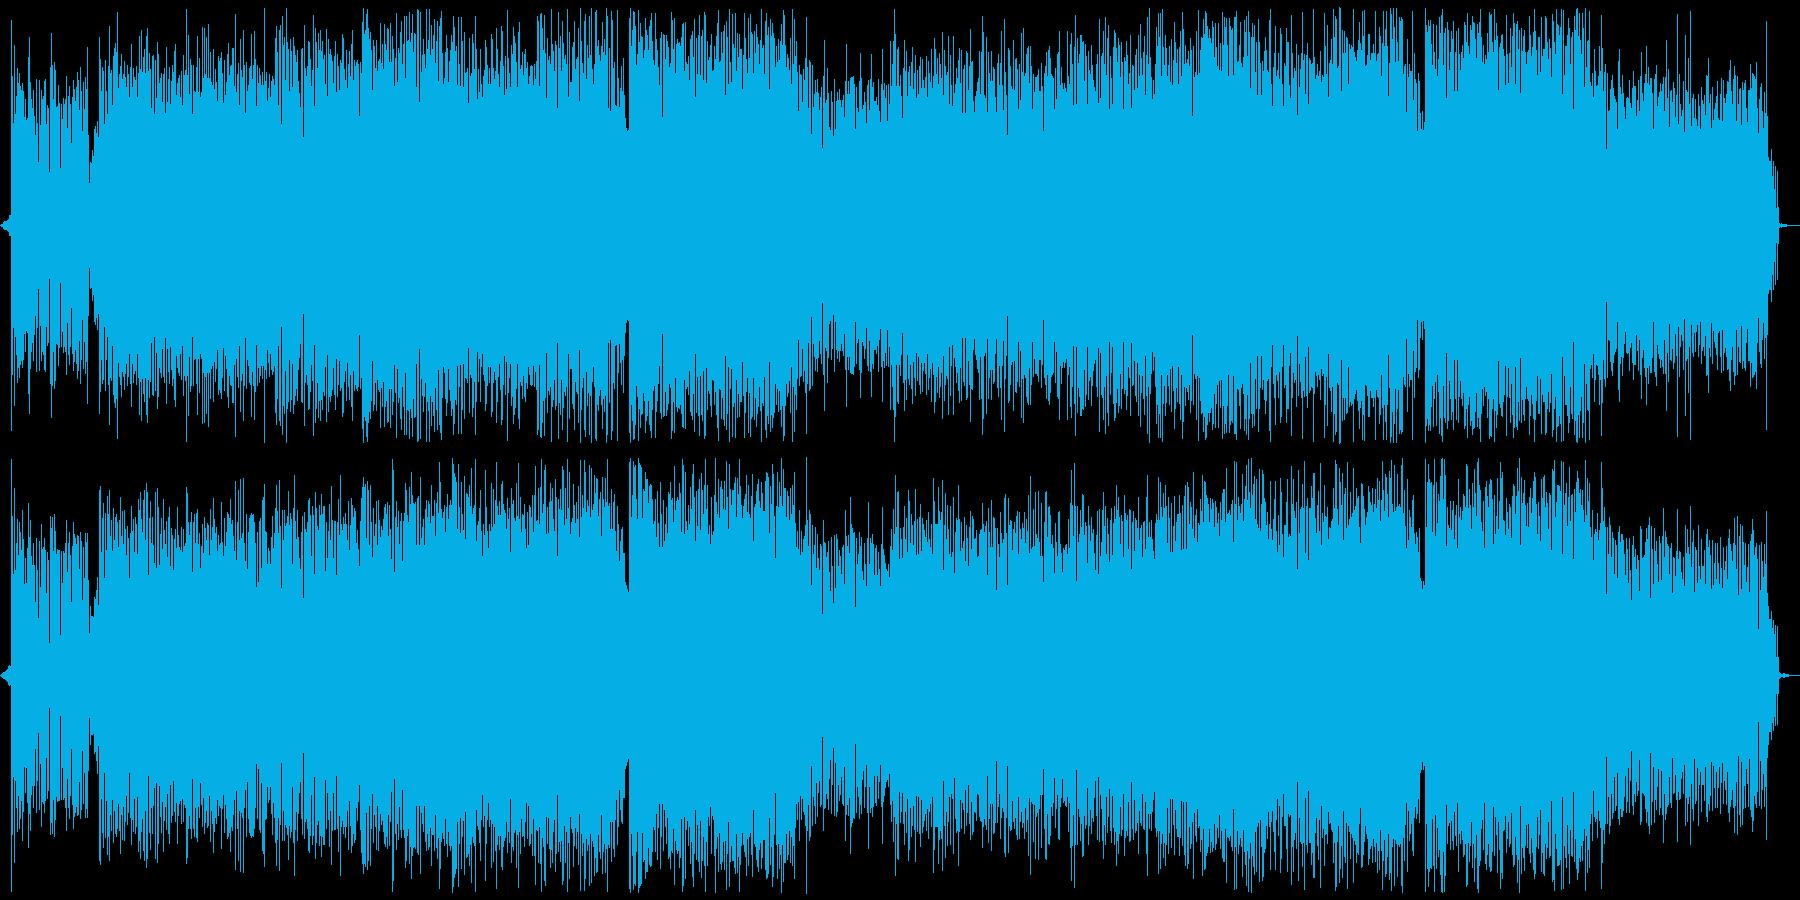 女性ボーカル・明るいエレクトロ系ダンスの再生済みの波形